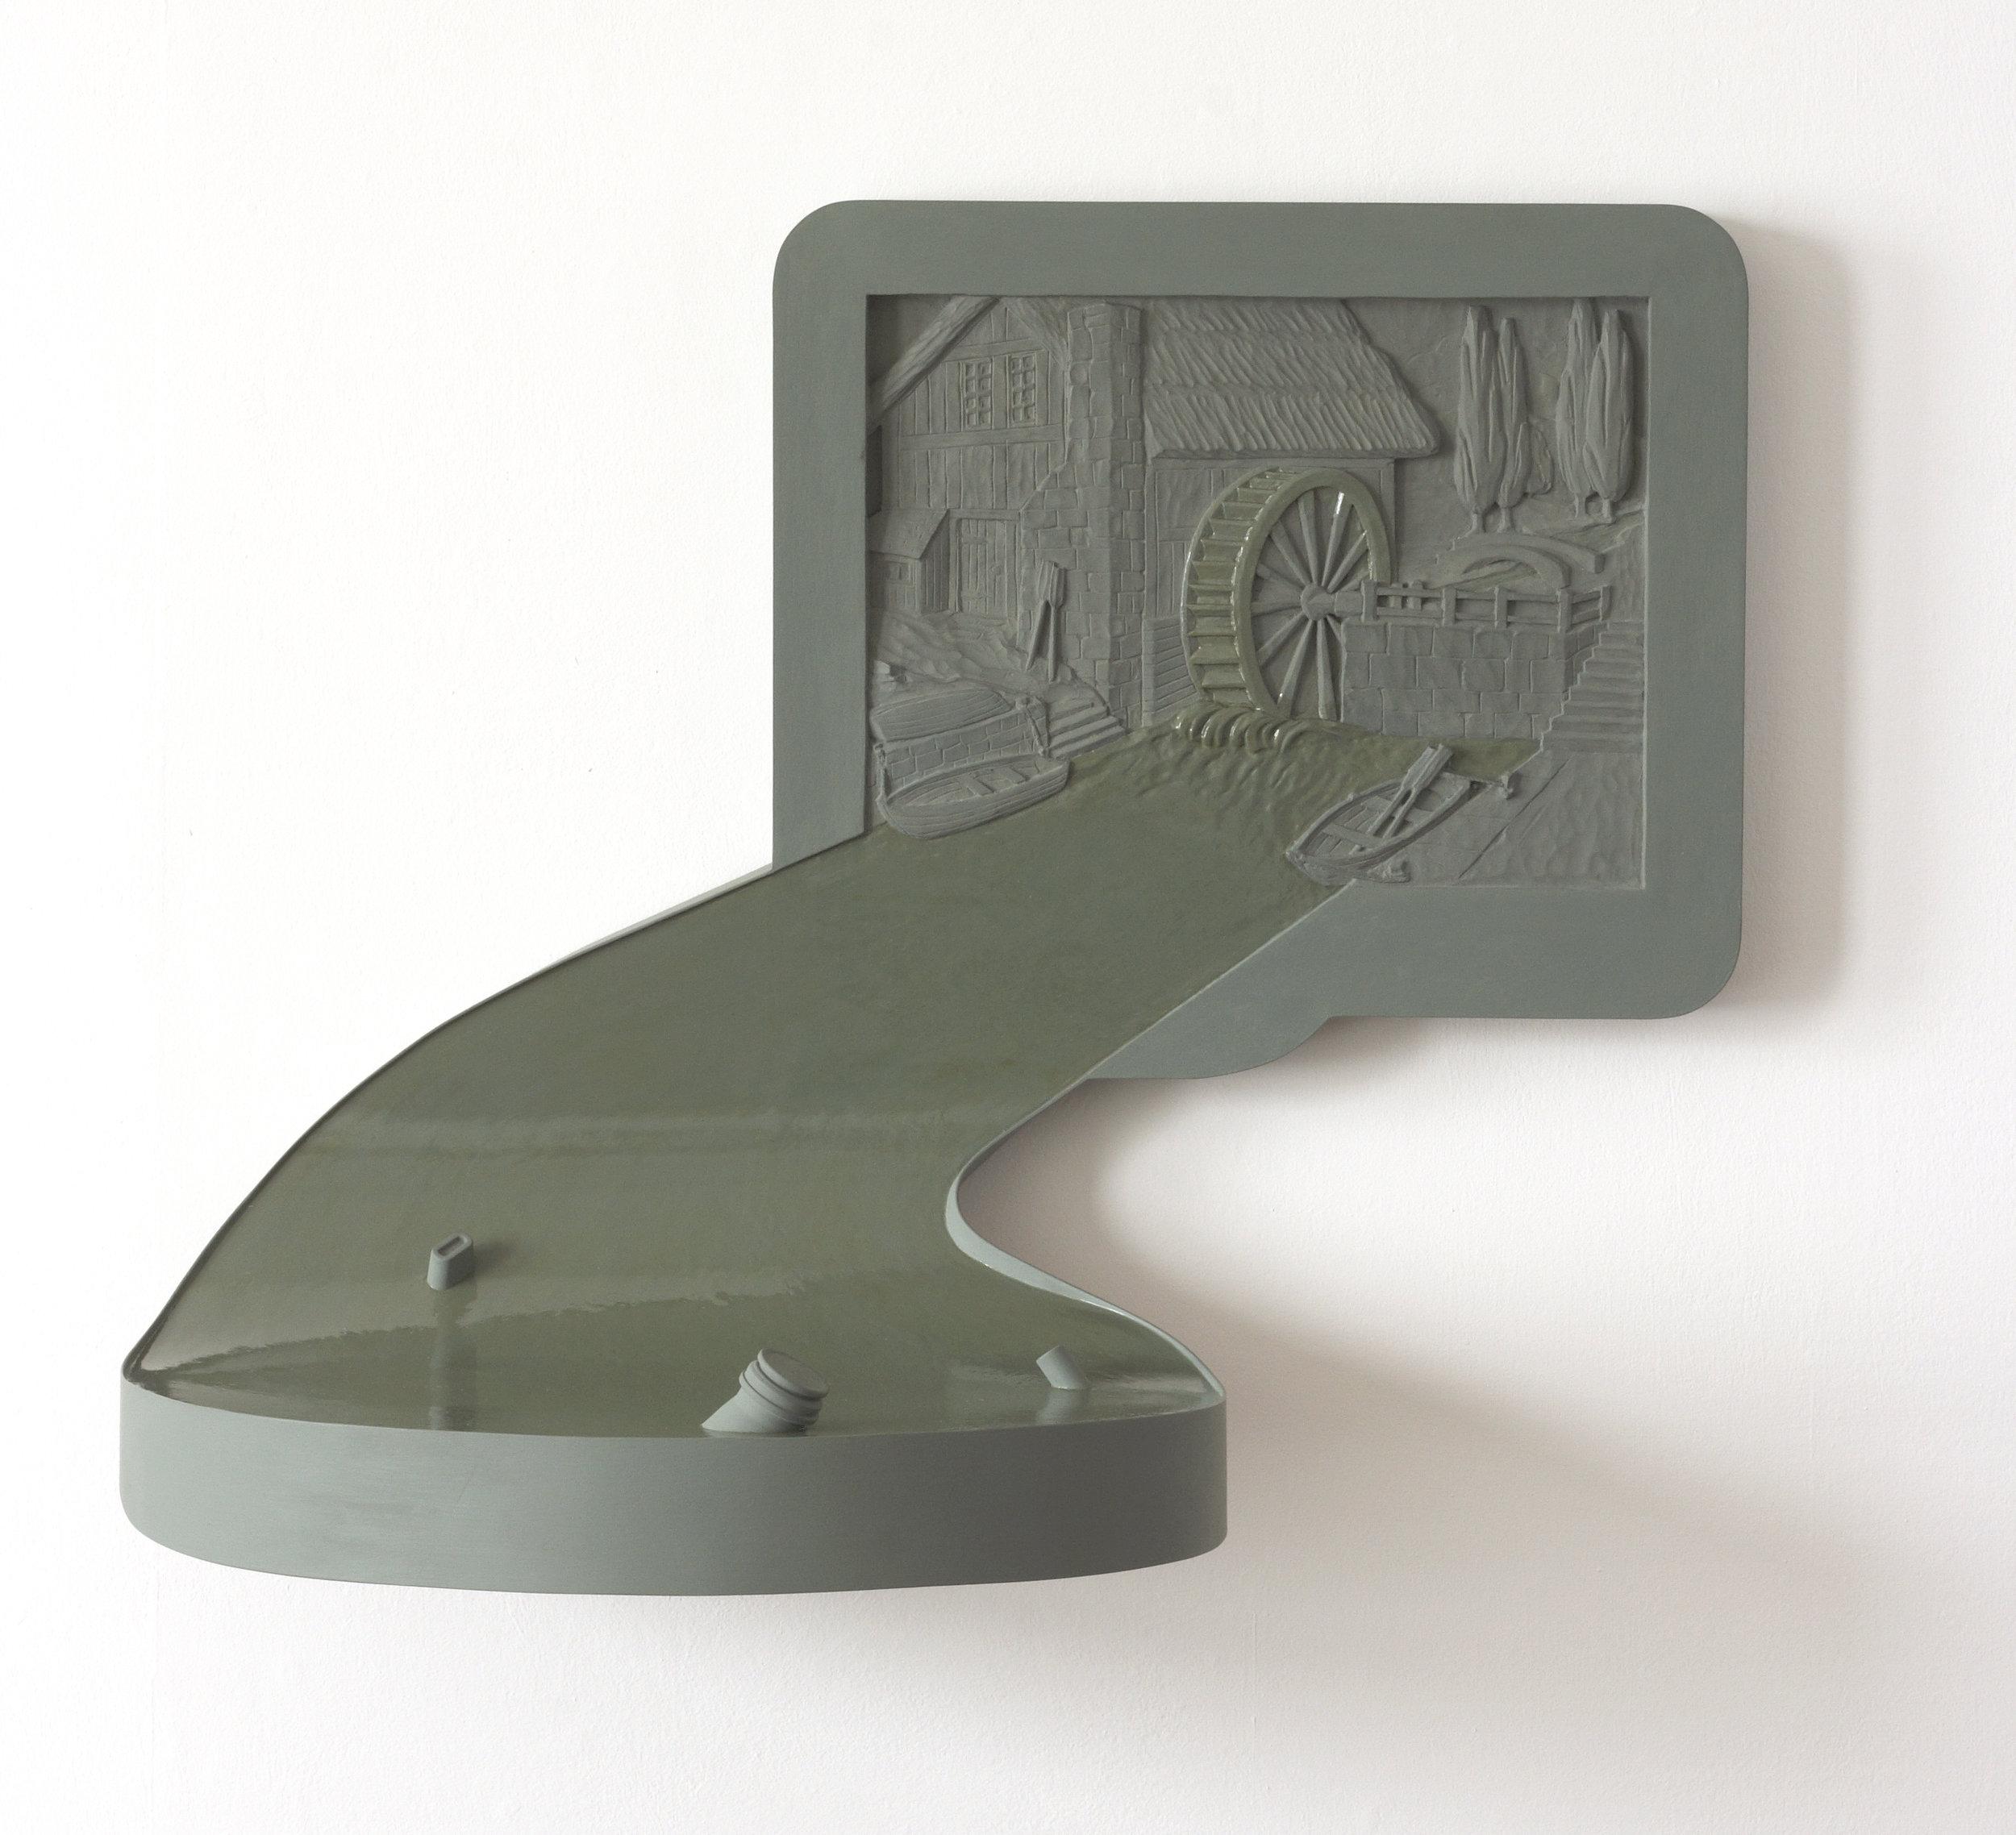 At Dusk   (1994-95) 60 x 50 x 55 cms